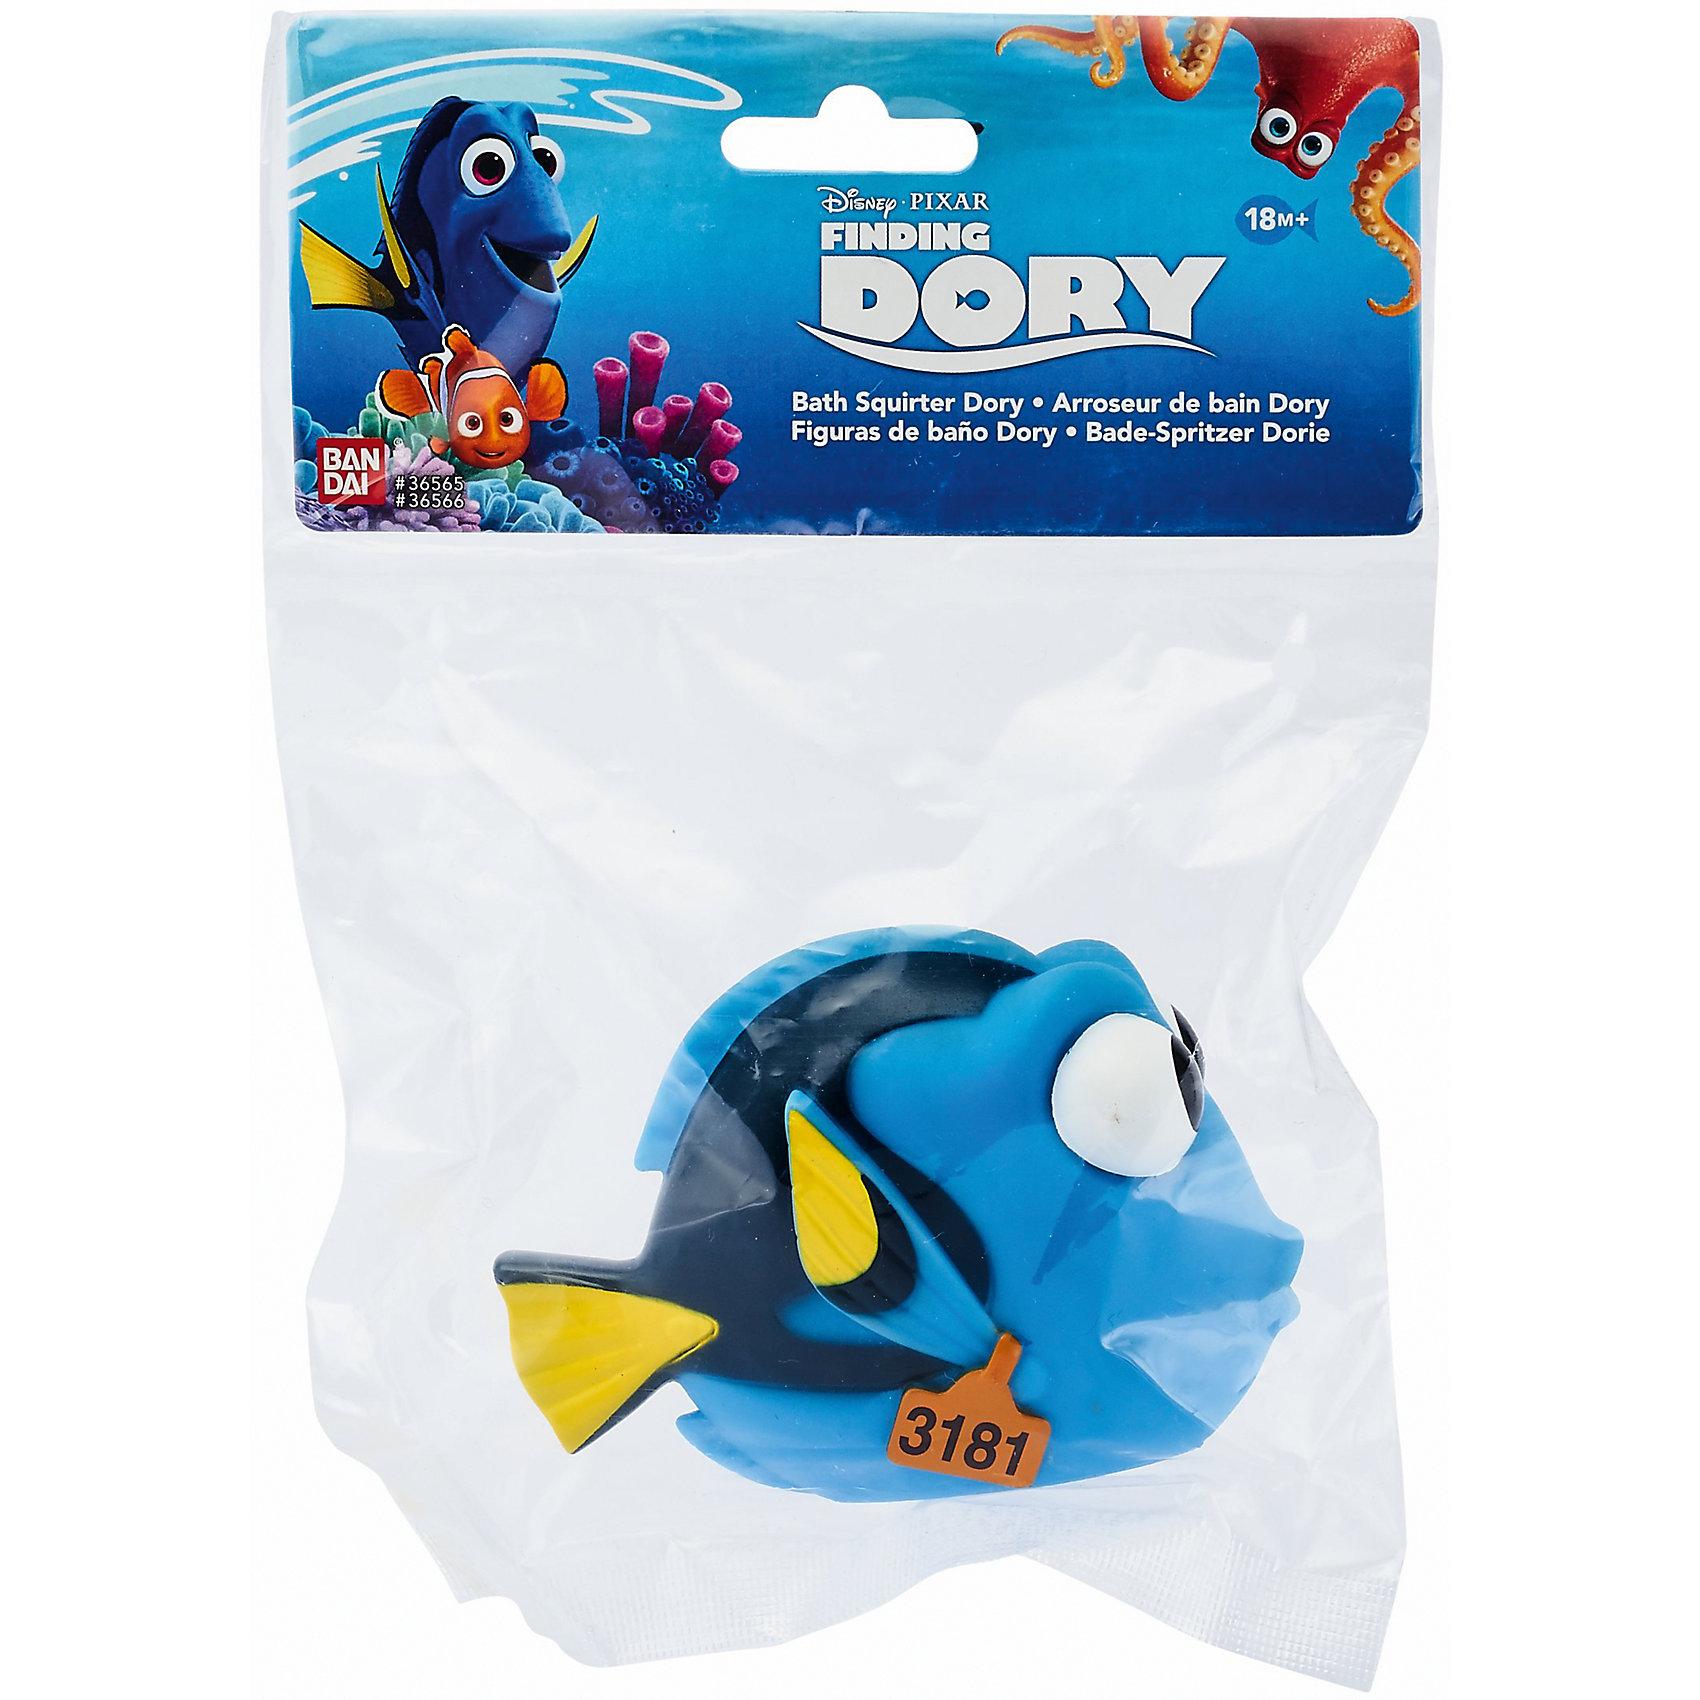 Подводный обитатель-брызгалка Дори, 7-10см, В поисках ДориВ поисках Дори<br>Подводный обитатель-брызгалка Дори, 7-10см, В поисках Дори<br><br>Характеристики:<br><br>• Размер упаковки: 10х4х7 см<br>• Вес : 71 г.<br>• Цвет: голубой.<br><br>Подводный обитатель - забавная игрушка-брызгалка, с которой купание станет для ребенка веселой, увлекательной игрой! Набрав в рыбку воду, можно затем брызгать струей, нажав на нее. Отверстие располагается у рыбки во рту. Игрушка выполнена из мягкого материала, ее длина составляет от 7 до 10 см. Такая игрушкой сделает купание вашего малыша веселым и забавным.<br><br>Подводный обитатель-брызгалка Дори, 7-10см, В поисках Дори, можно купить в нашем интернет – магазине.<br><br>Ширина мм: 100<br>Глубина мм: 70<br>Высота мм: 40<br>Вес г: 71<br>Возраст от месяцев: 36<br>Возраст до месяцев: 120<br>Пол: Унисекс<br>Возраст: Детский<br>SKU: 4849990